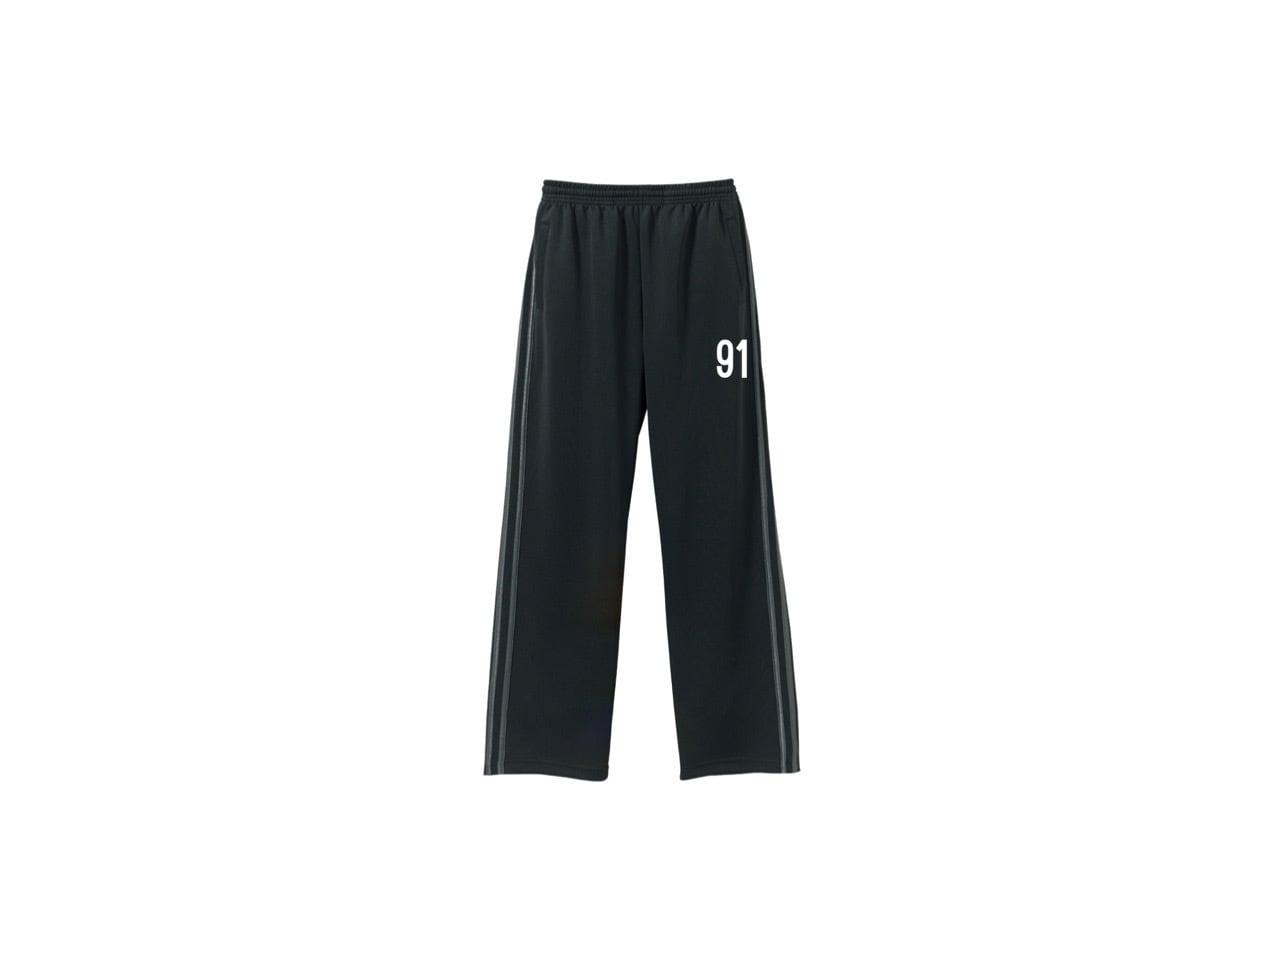 coguchi 91s dry pants (BLK/BLK)